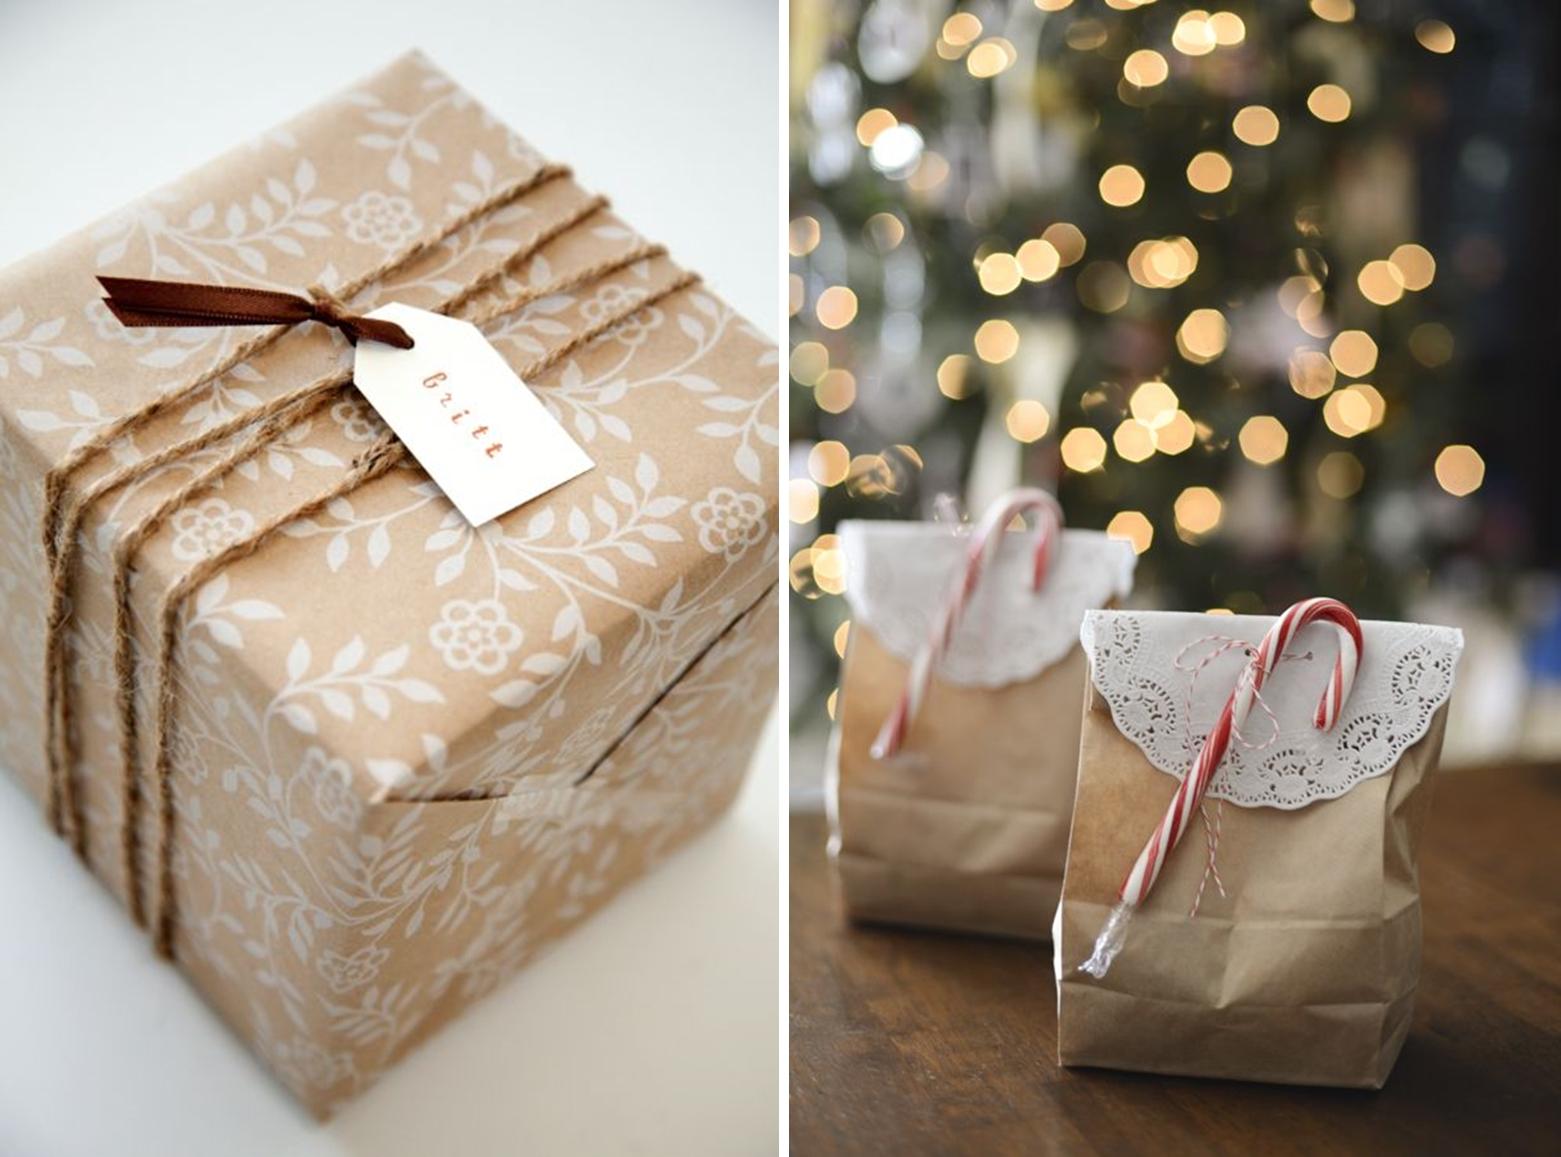 pakowanie prezentow jak zapakowac prezenty gifts christmas choinka wigilia pomysly inspiracje